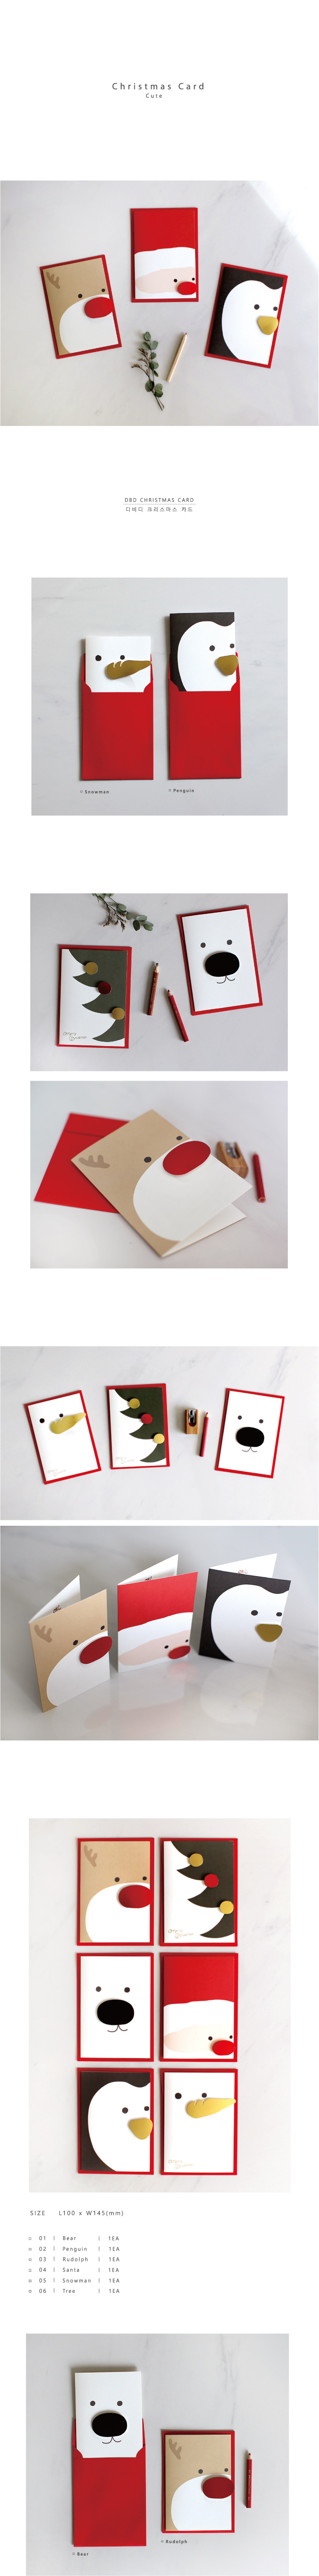 디비디 크리스마스 카드 - Cute - 디비디, 2,600원, 카드, 크리스마스 카드